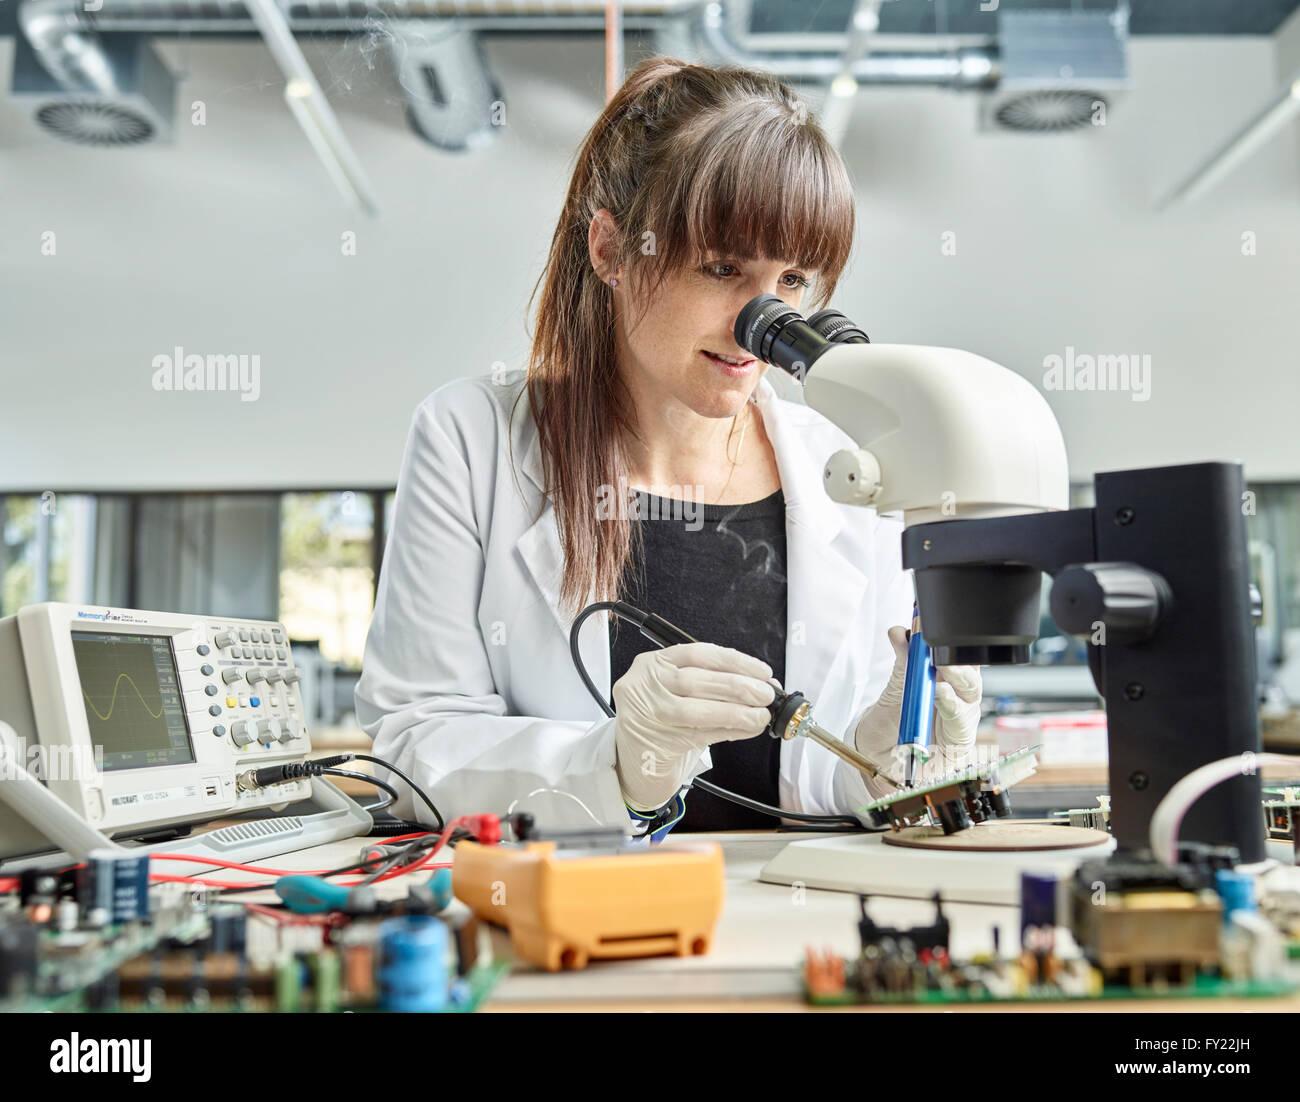 Tecnico femmina, 20-25 anni, con un bianco camice, la saldatura di una scheda di circuito in un laboratorio di elettronica, Foto Stock